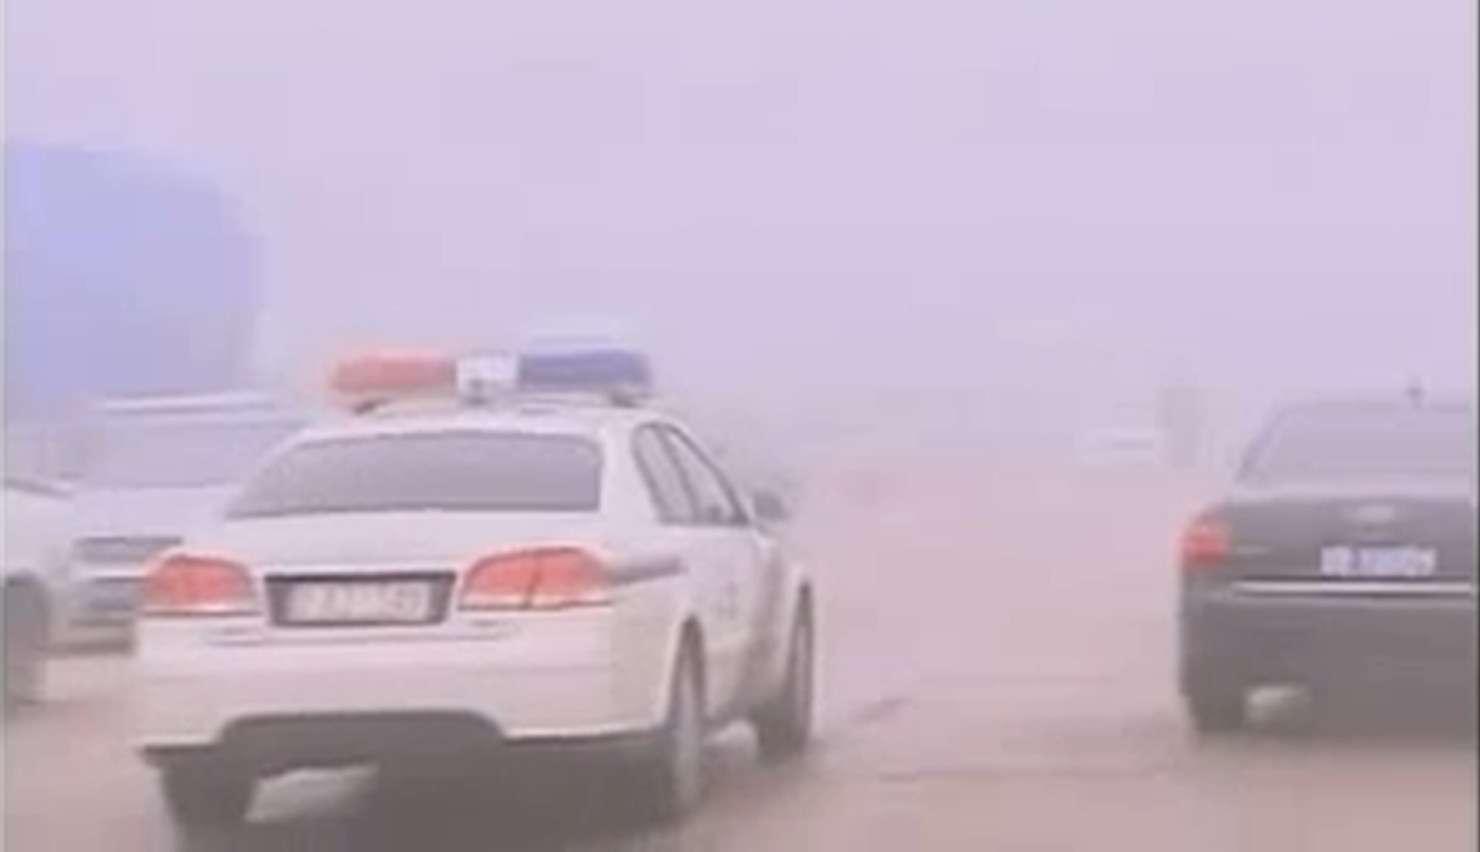 Un smog épais a littéralement paralysé la ville d'Harbin située dans le nord de la Chine. Si actuellement la qualité de l'air s'améliore, on ne peut pas en dire autant pour les villes voisines. À Changchun, l'indice de qualité de l'air a atteint la valeur maximale, indiquant qu'il est dangereux de respirer l'air extérieur. © Capture d'écran, TVonline, YouTube